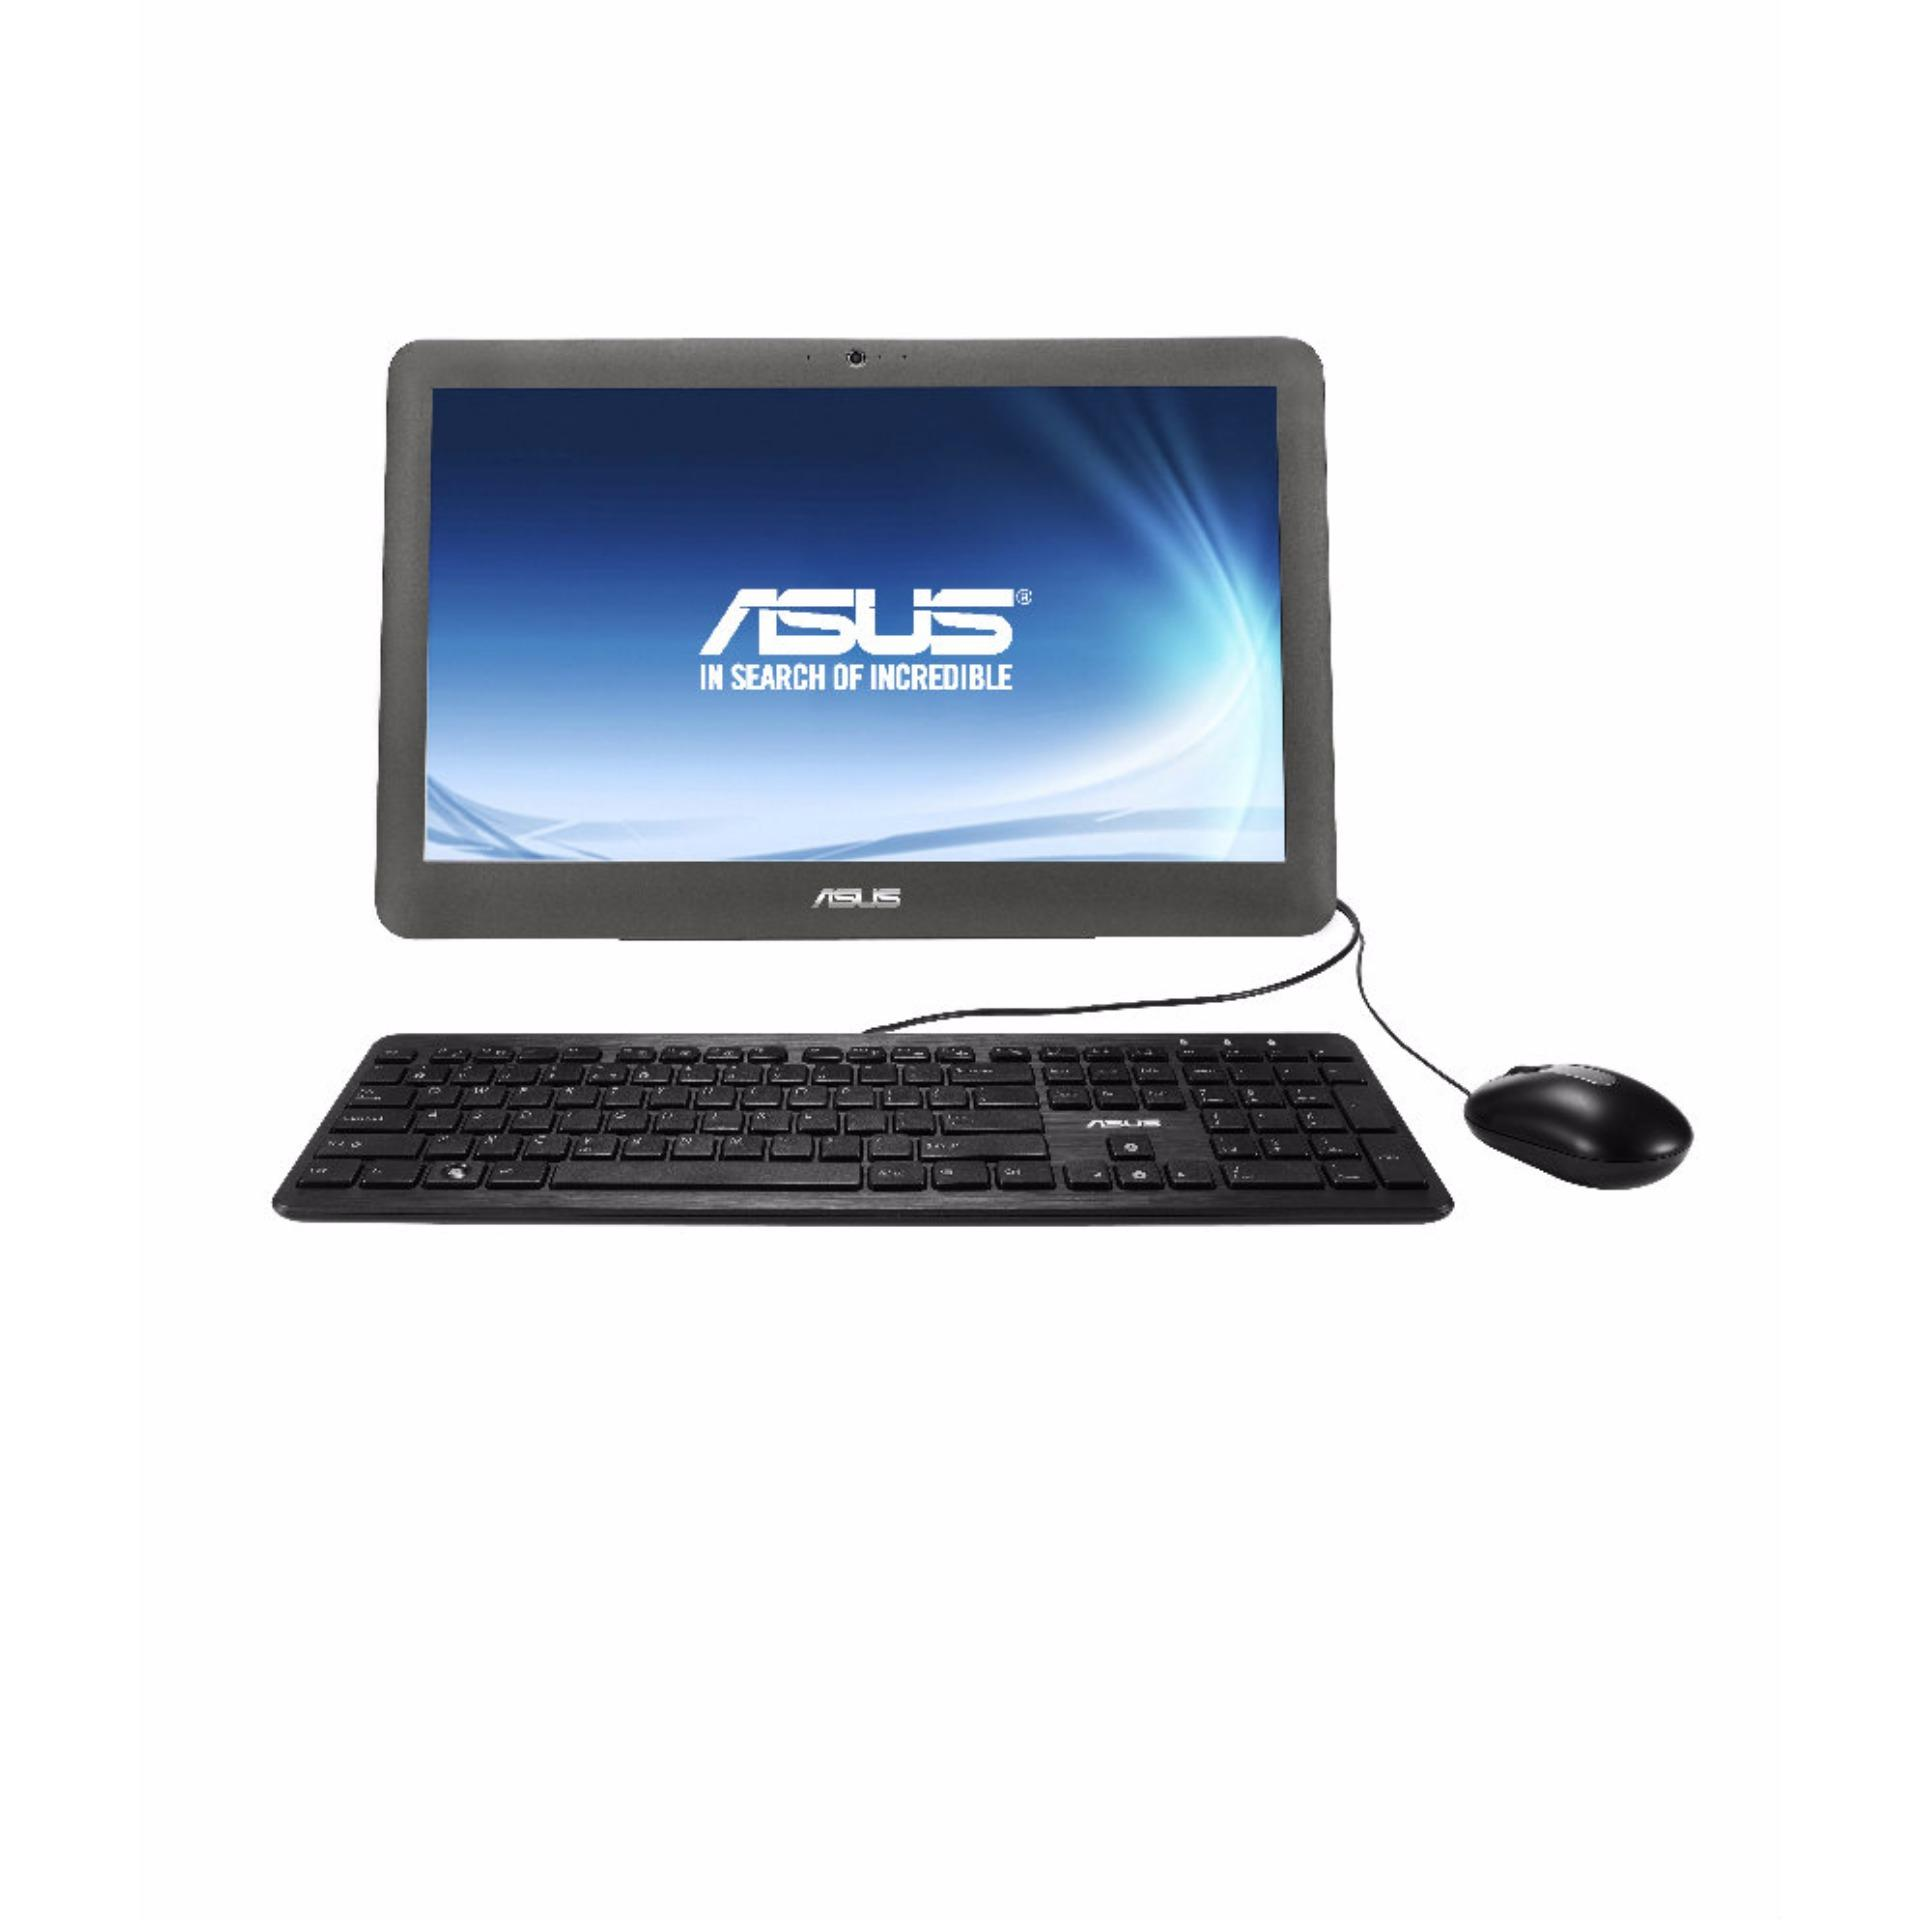 Intel Pc Rakitan Highend I7 4790 Gigabyte H97m 8gb 1tb Asus Gt730 Lenovo Thinkcenter E73 Fpif 4gb Core Vivo V200ib Celeron N3050 Layar 195 Win10 Home